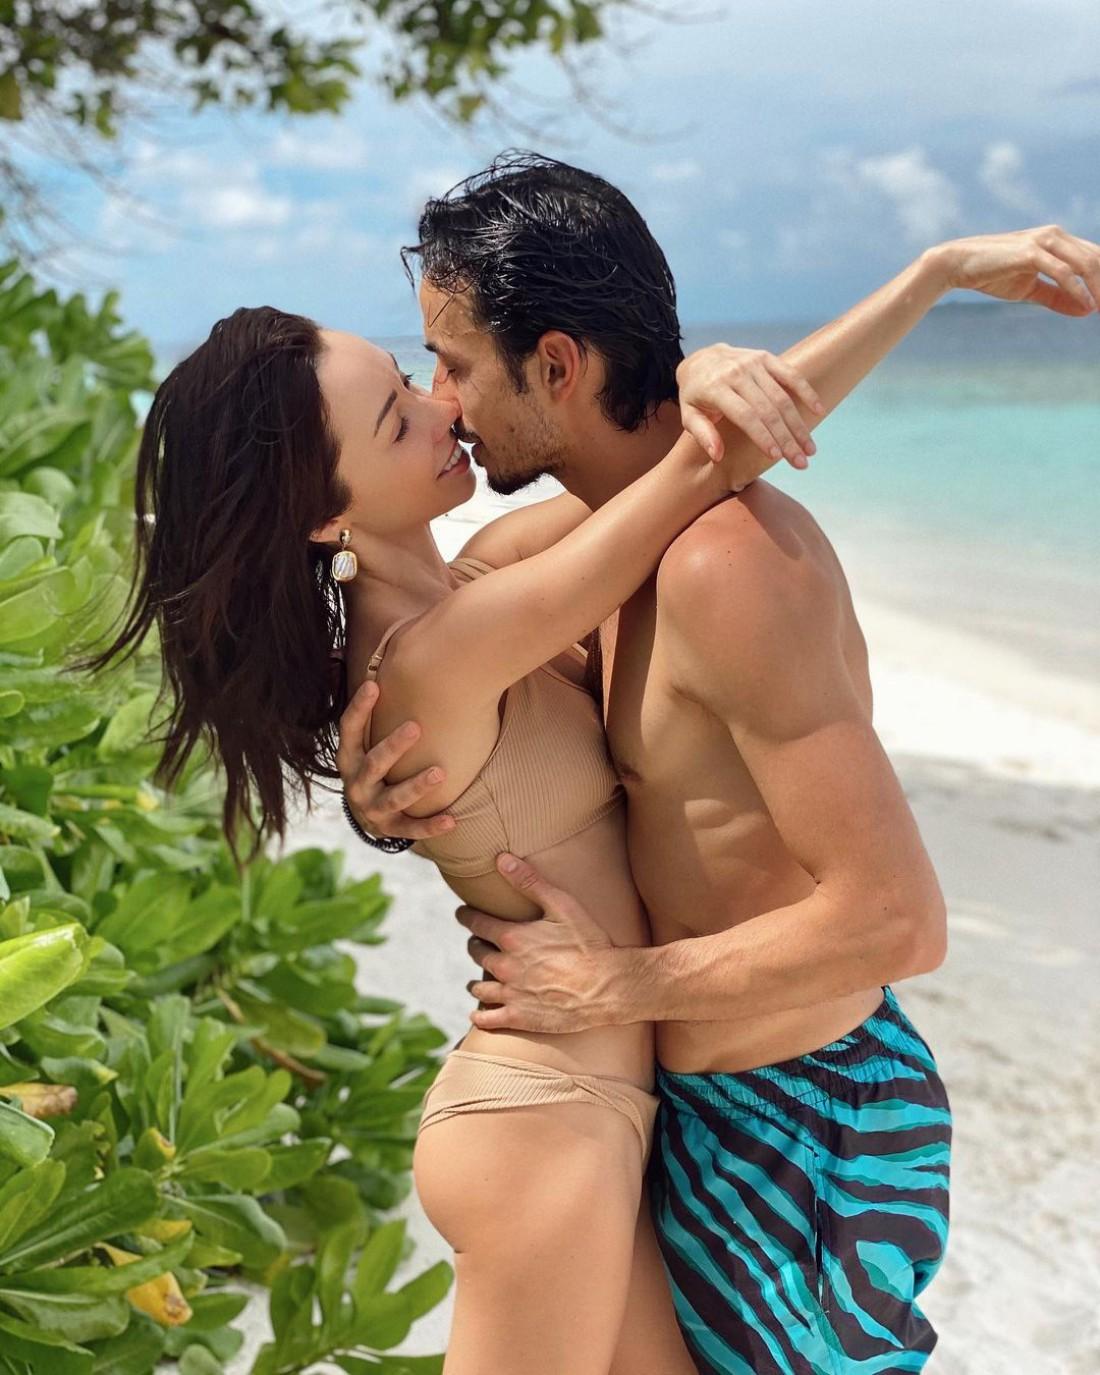 Александр Стоянов поделился пляжным фото с женой Екатерины Кухар